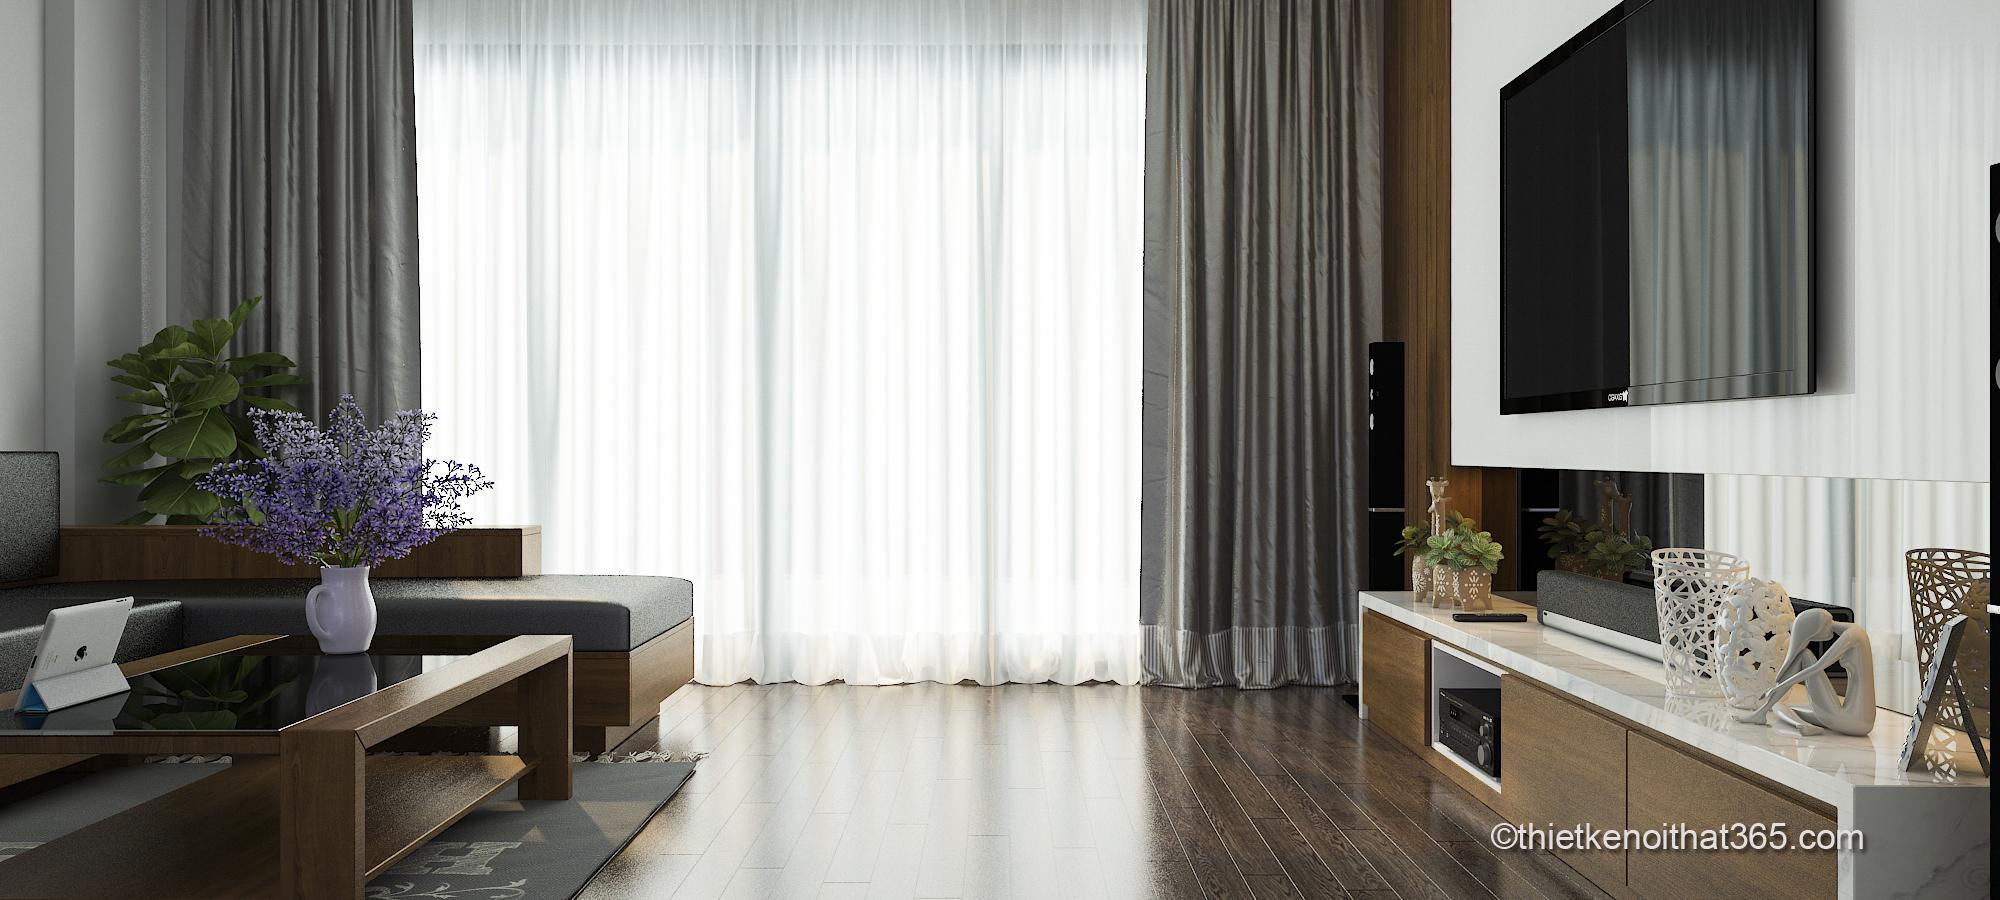 Mẫu thiết kế nội thất chung cư siêu đẹp và hiện đại